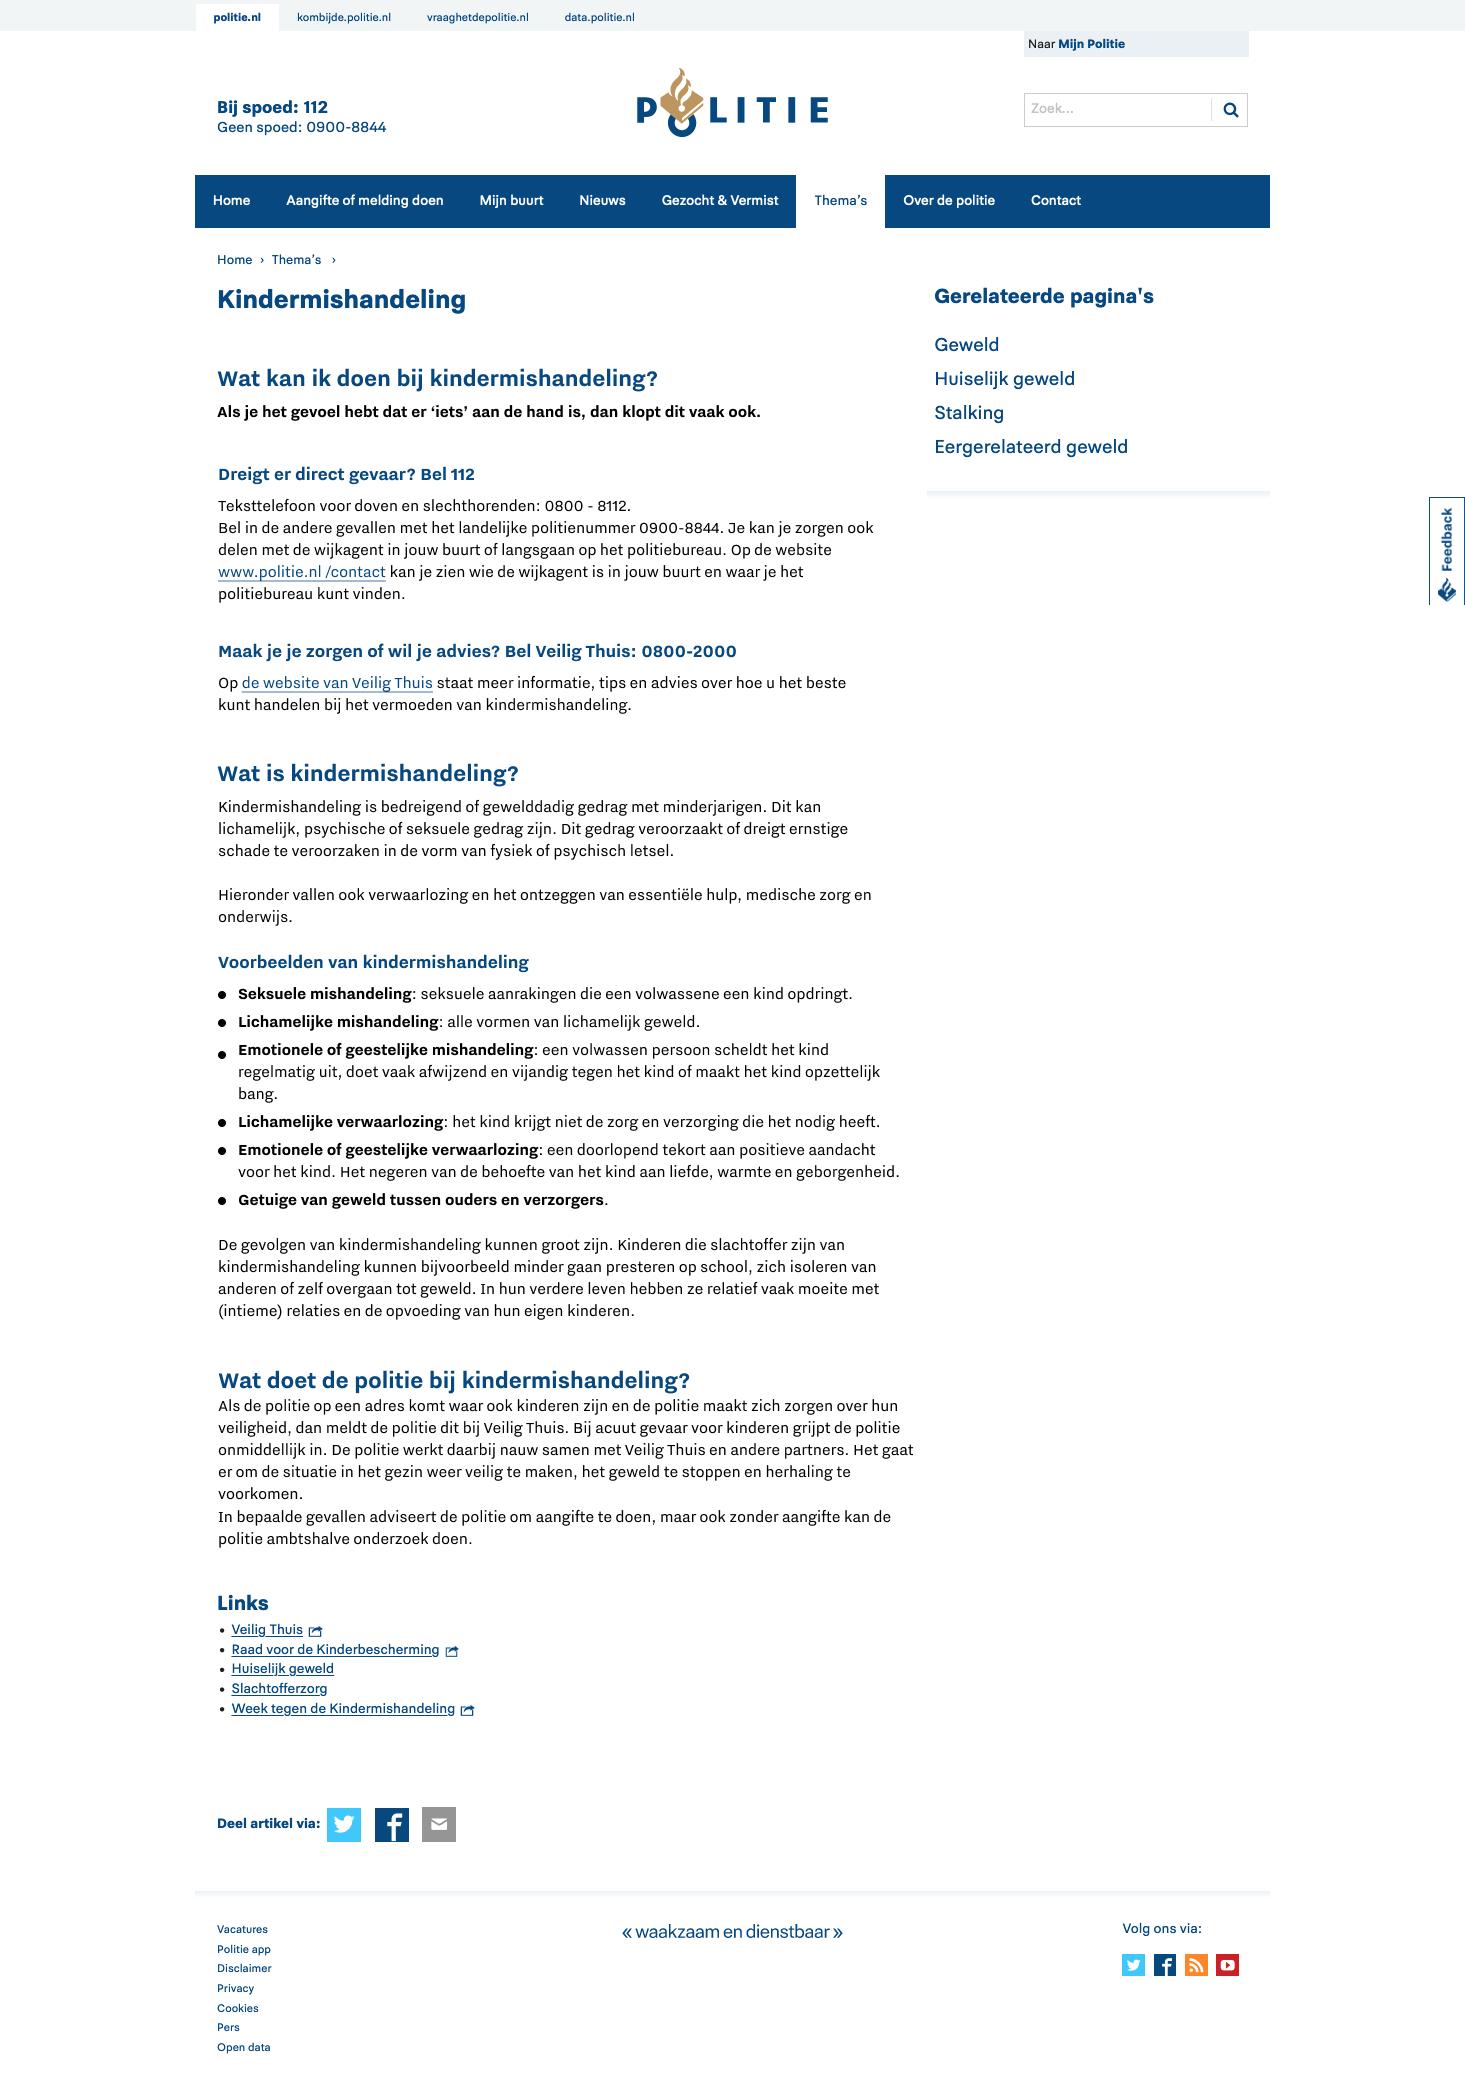 Geoptimaliseerde versie van dezelfde pagina op Politie.nl over kindermishandeling..